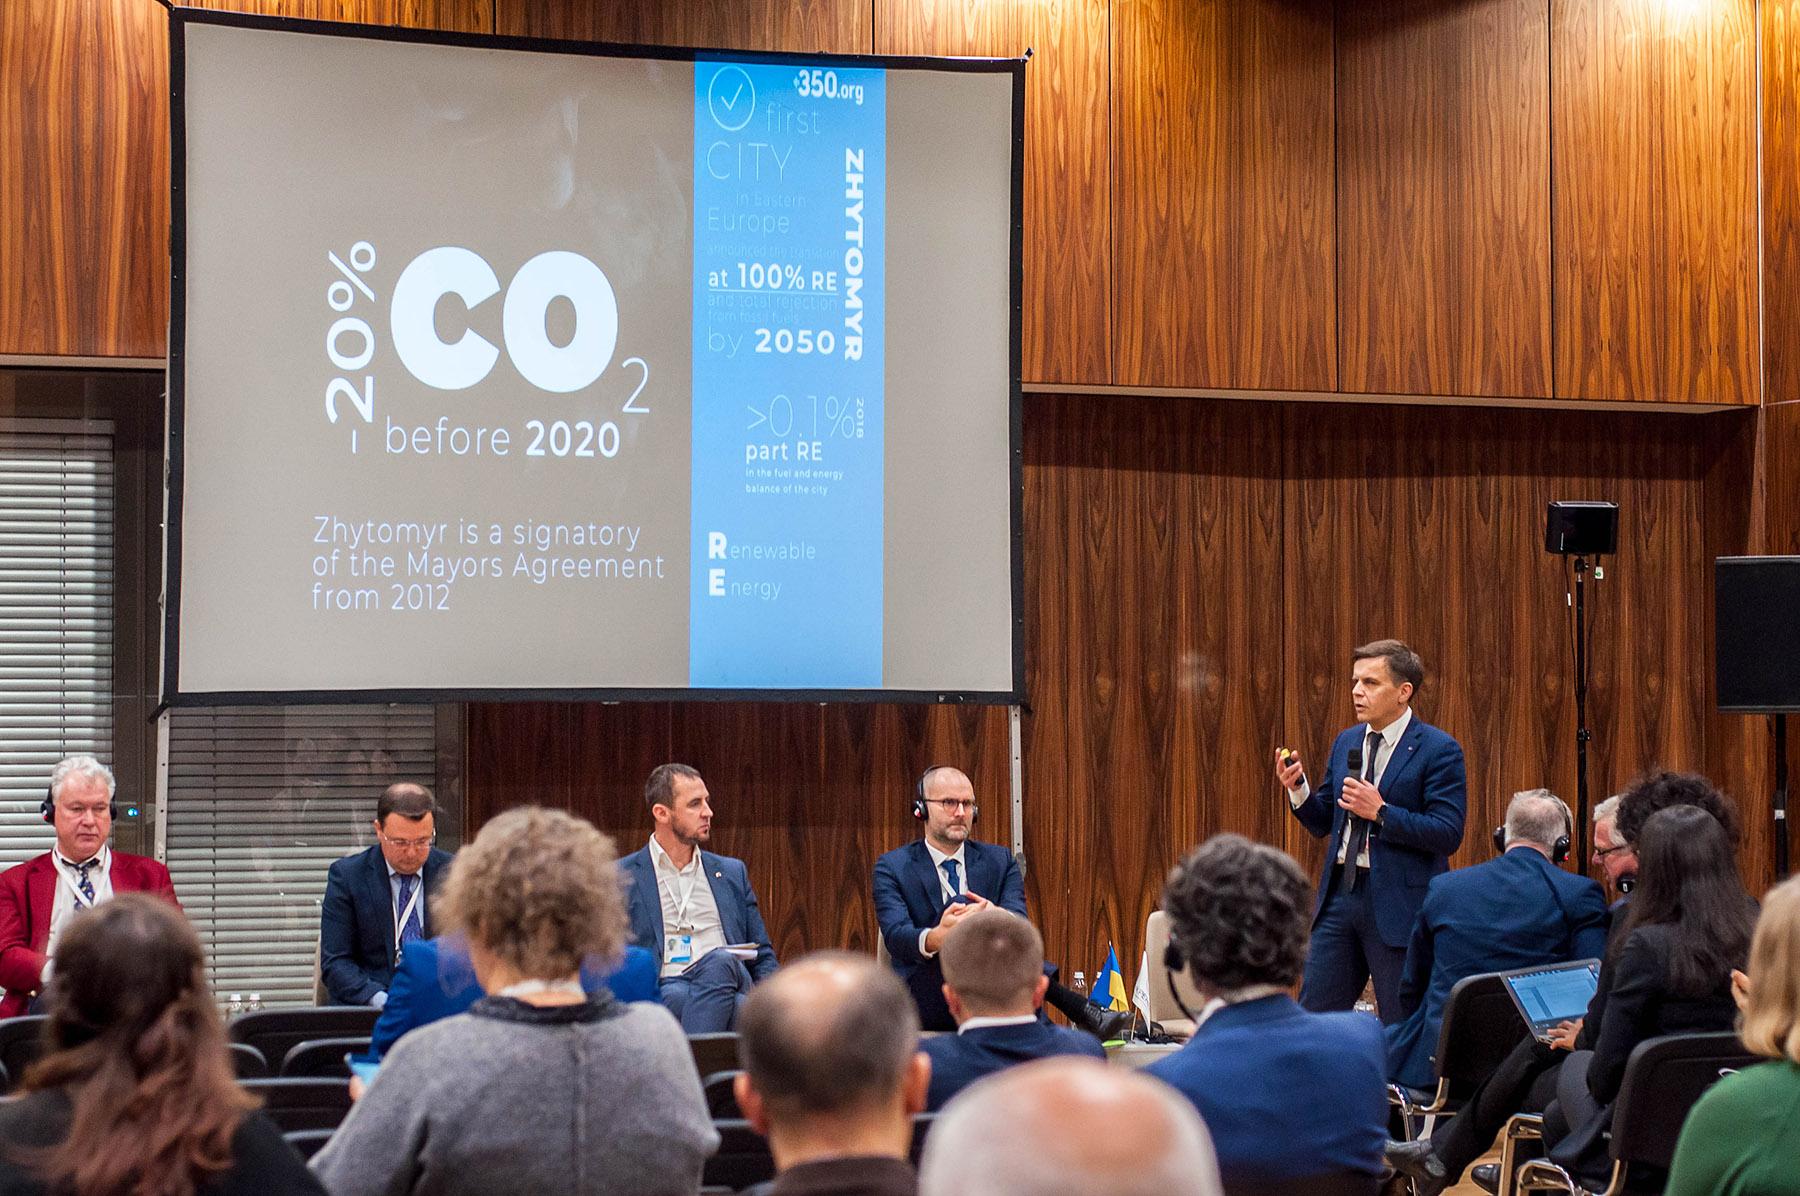 Сергій Сухомлин розповів про план переходу міста на 100 % відновлюваної енергетики на 9 Міжнародному Форумі з енергетики для сталого розвитку